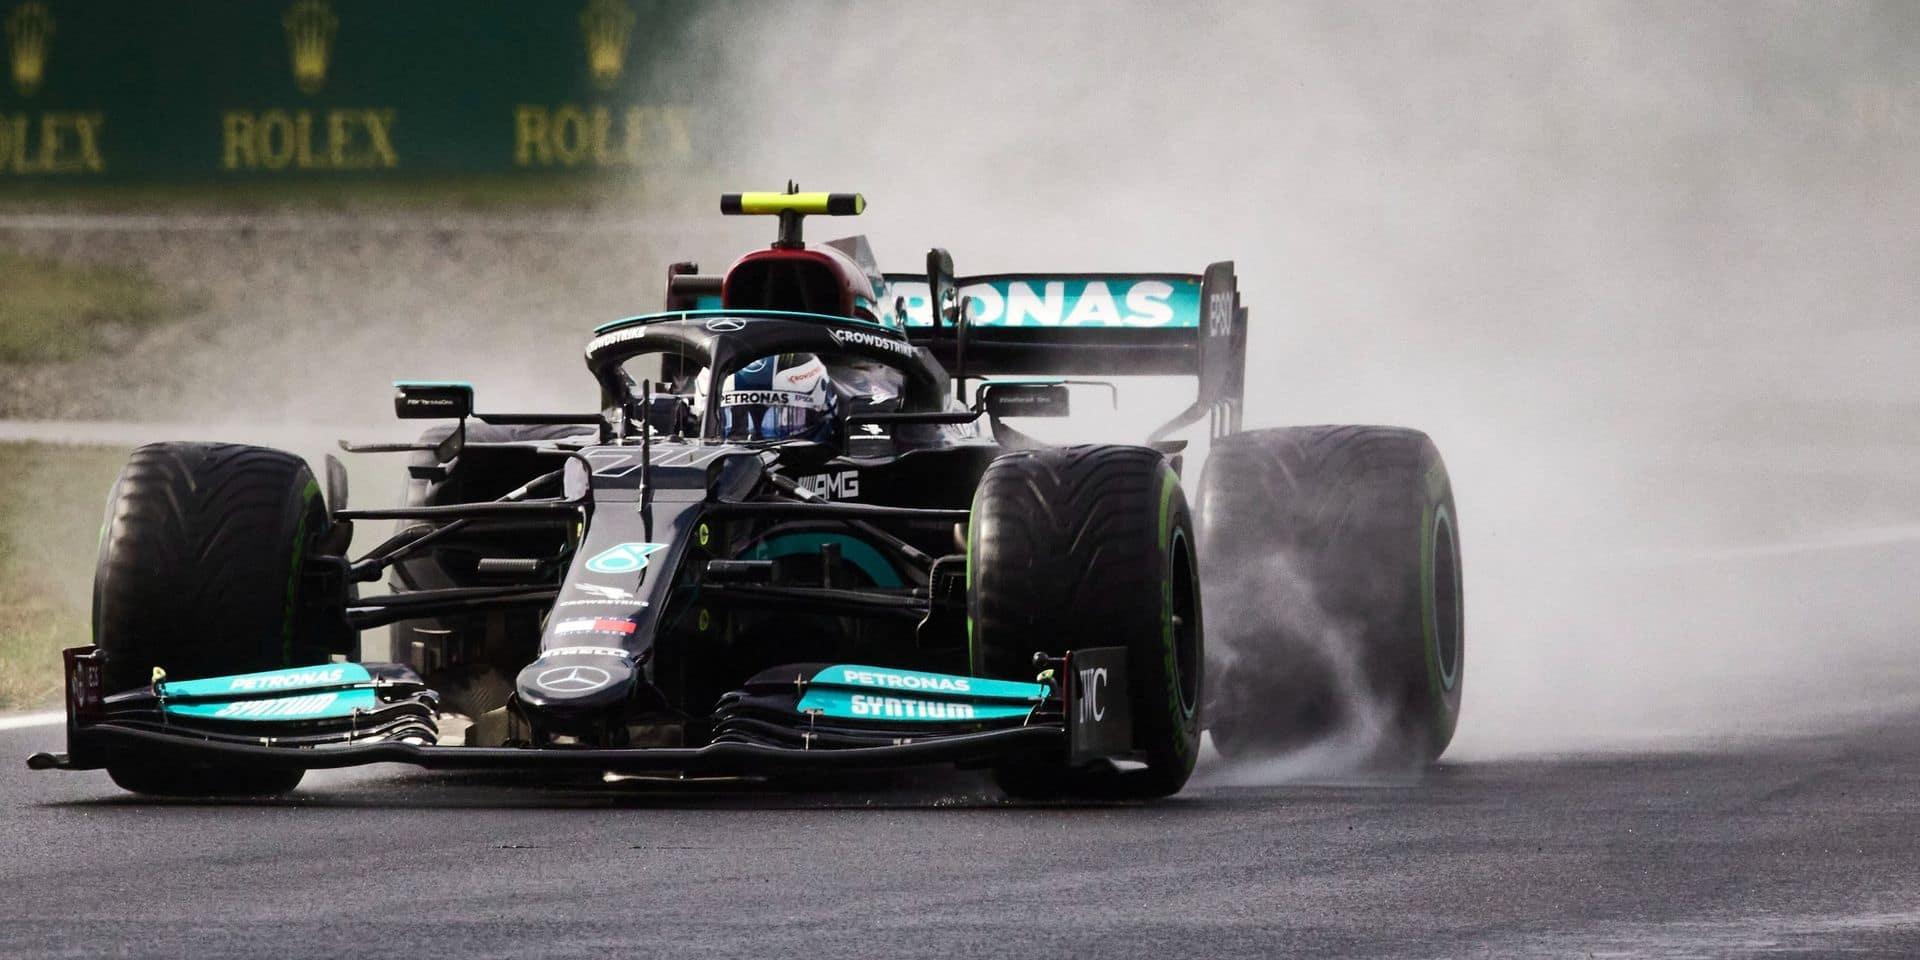 Valtteri Bottas remporte le GP de Turquie, Max Verstappen reprend la tête du championnat